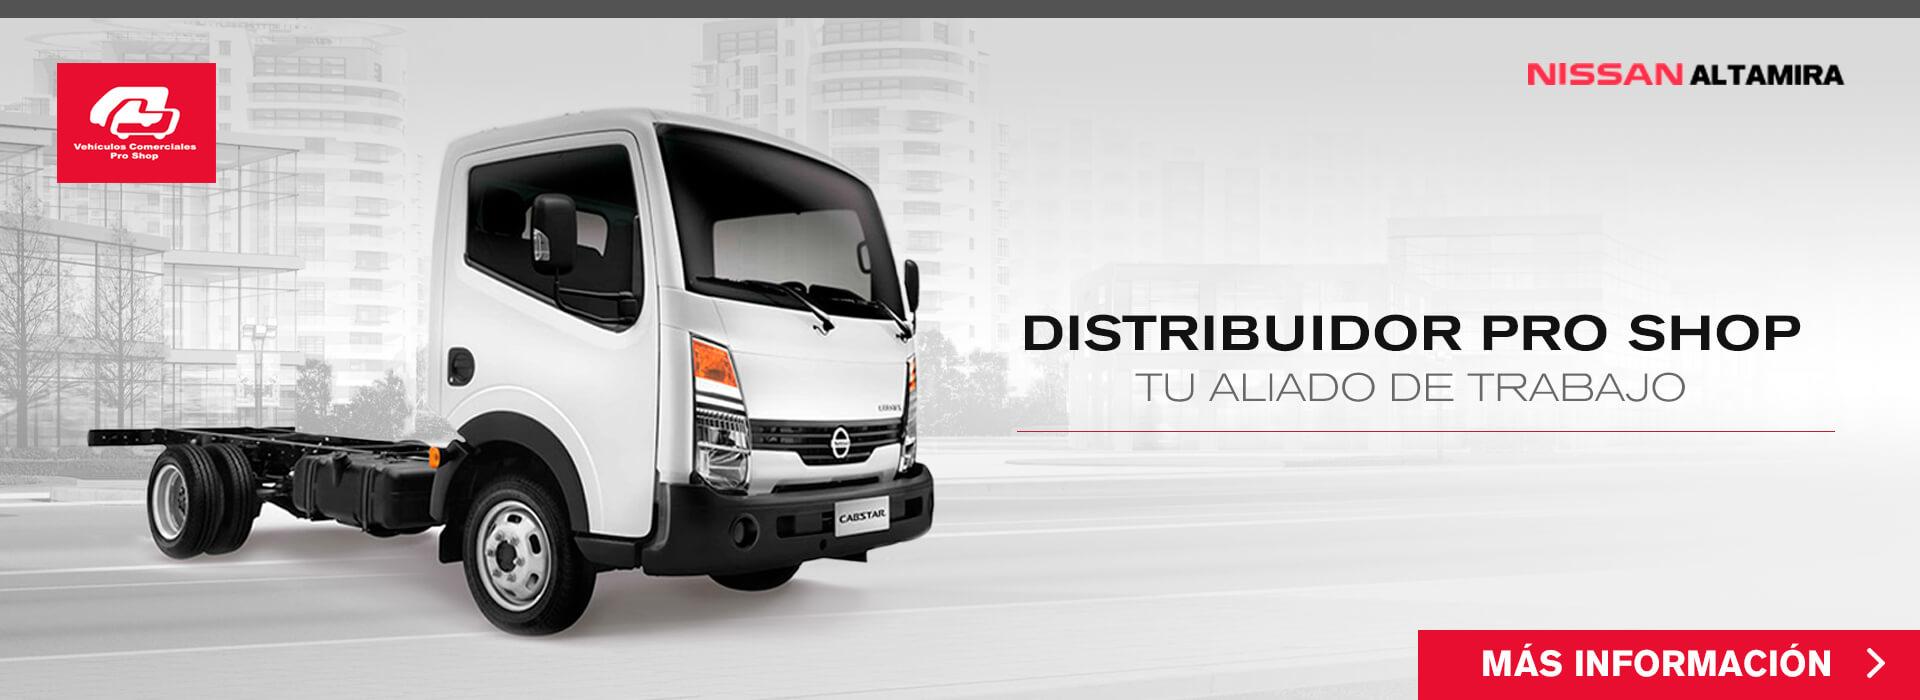 Somos distribuidor Proshop Especialistas en Diesel